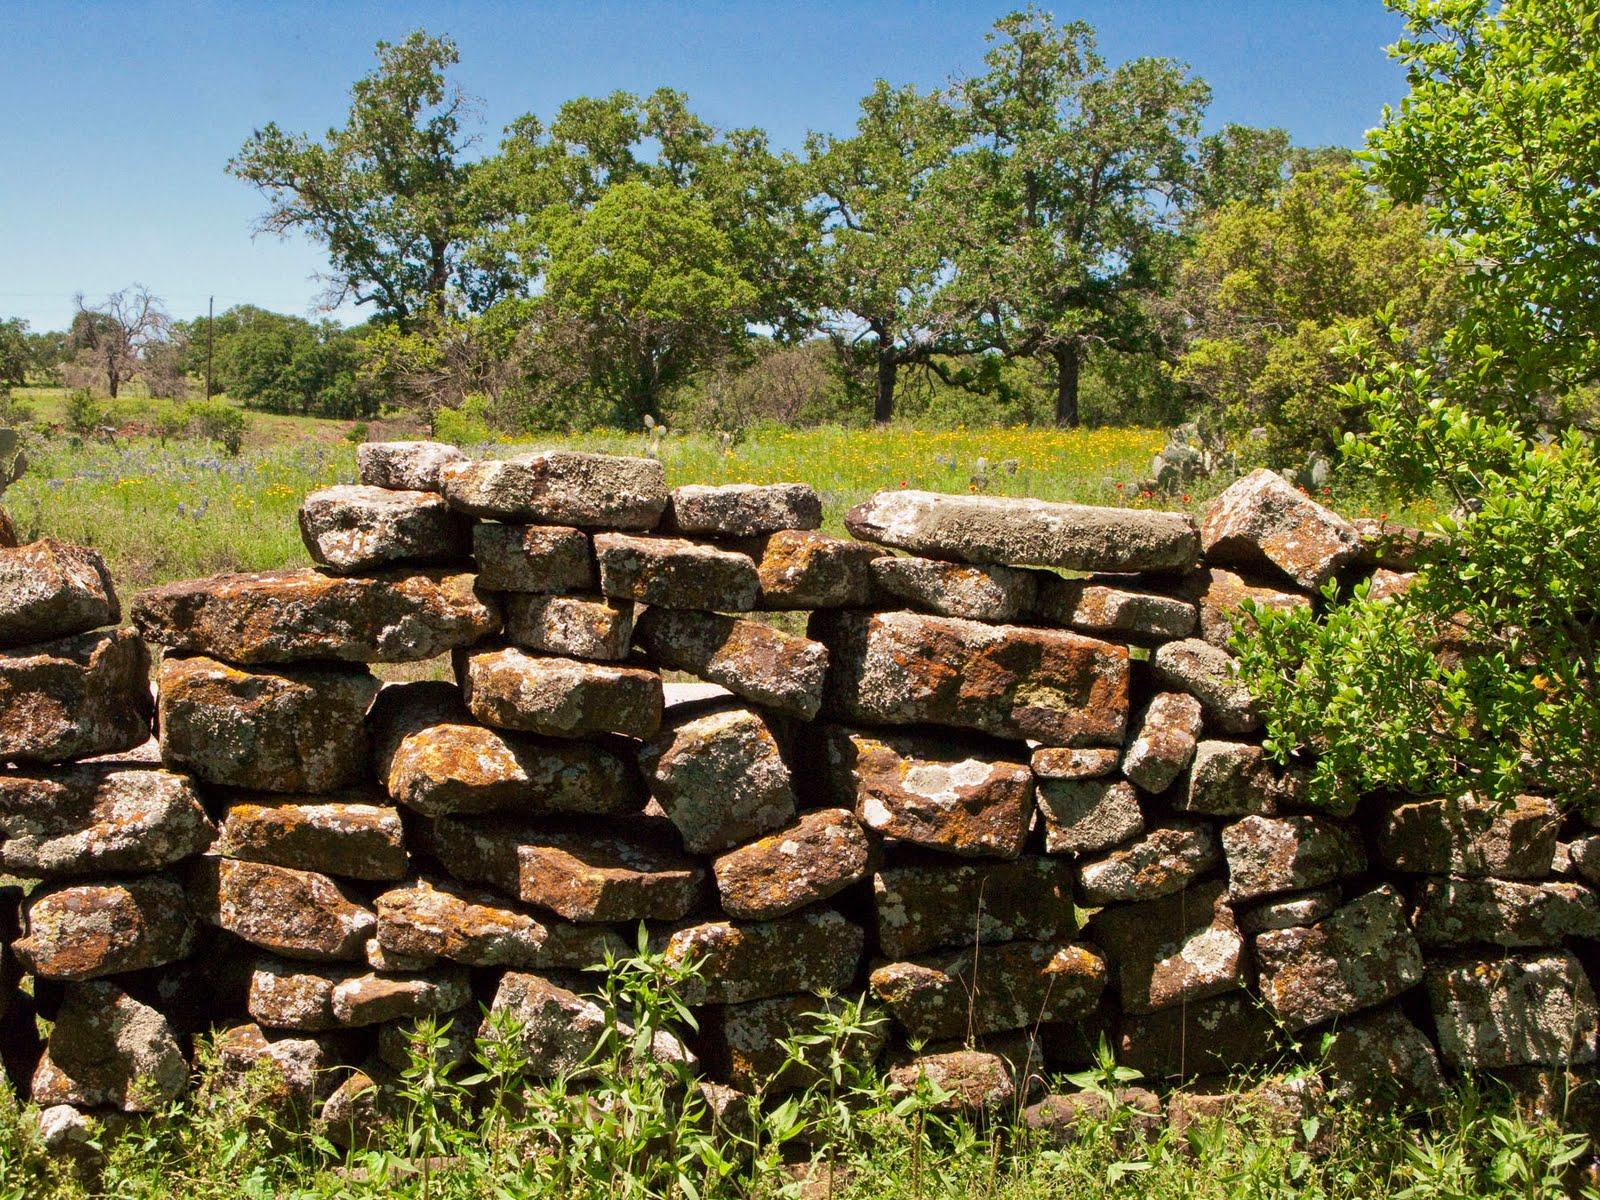 http://4.bp.blogspot.com/_ajukJB2z0XI/S9xRYkBPkRI/AAAAAAAAAGo/IyNvF1SDMW4/s1600/Rock+Wall+Sandy_3.jpg